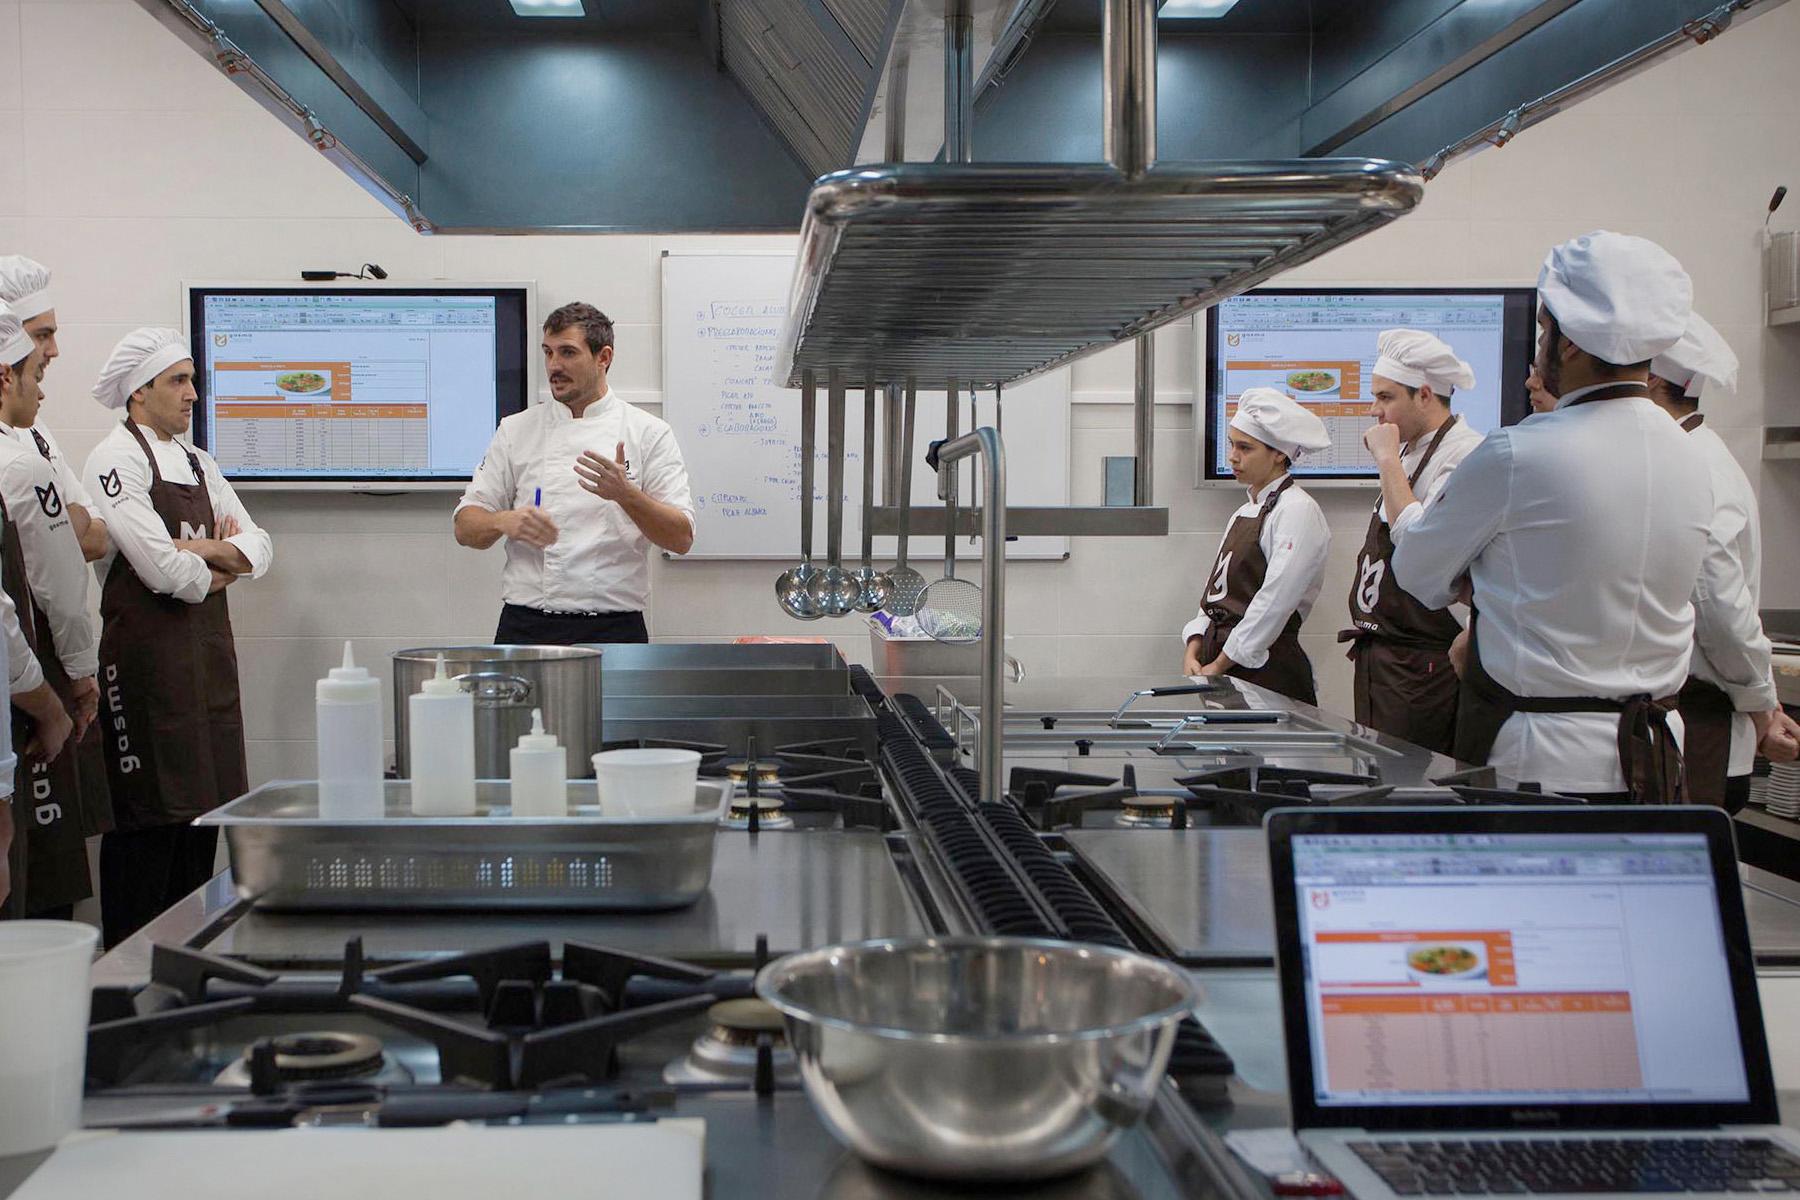 Учебные кухни GASMA оснащены современными профессиональными плитами, духовыми шкафами, бытовыми приборами